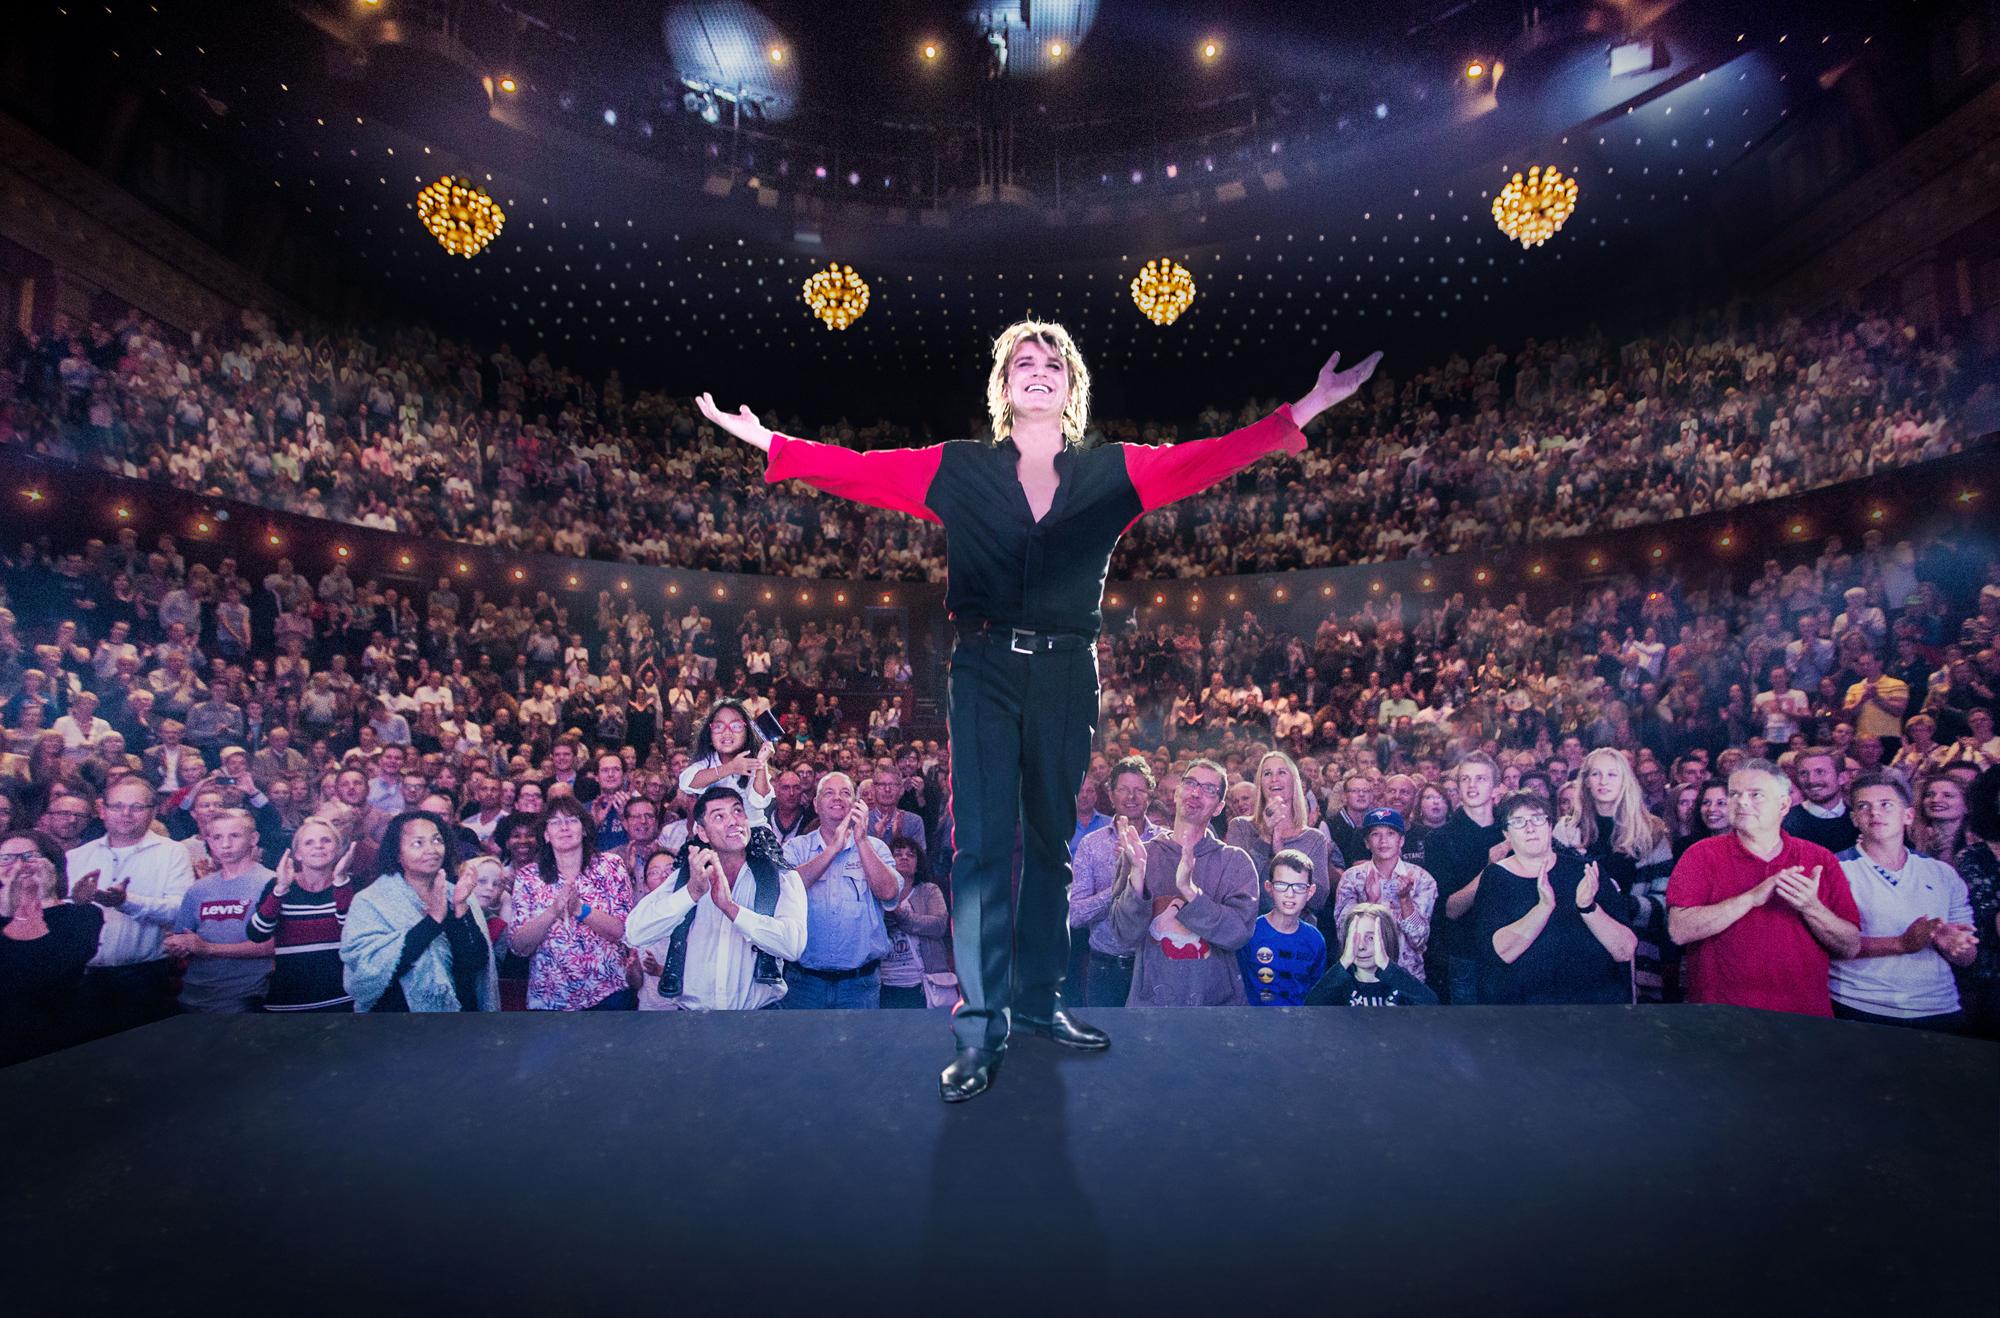 Der Magier Hans Klok steht auf der Bühne mit dem Rücken zum Publikum und man sieht ausverkaufte Ränge.